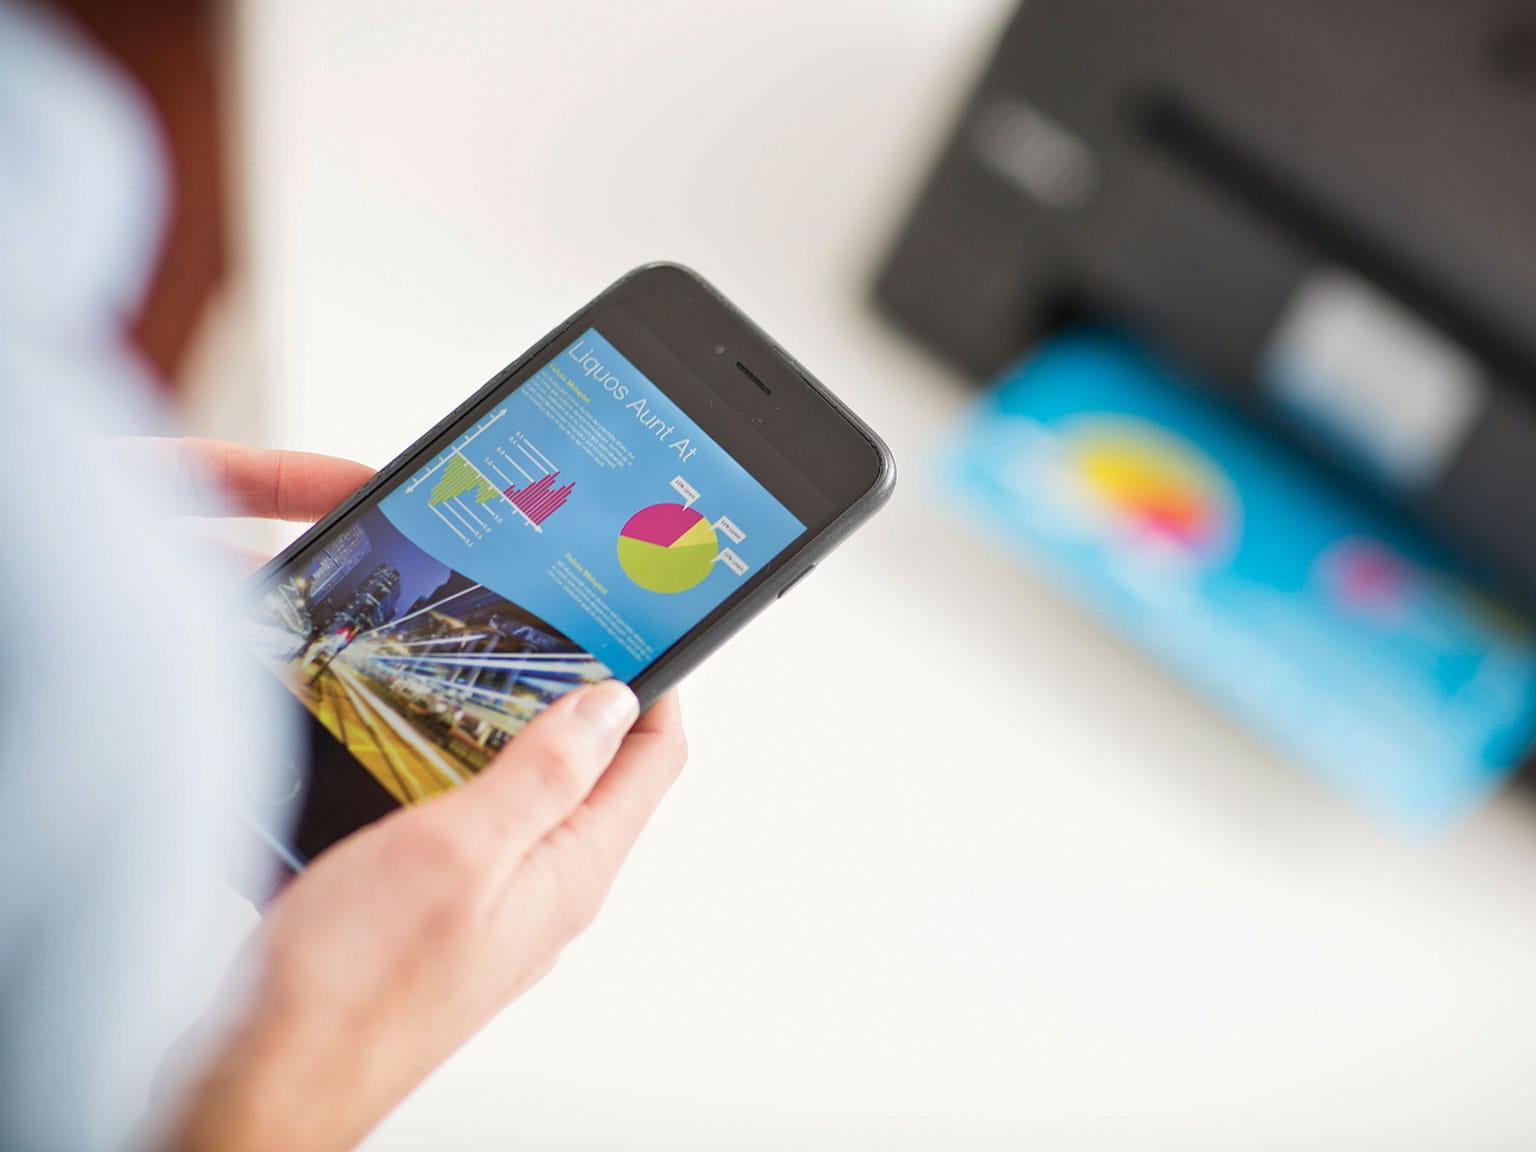 kisvállalkozások-megoldások-iprint_scan_mobilról